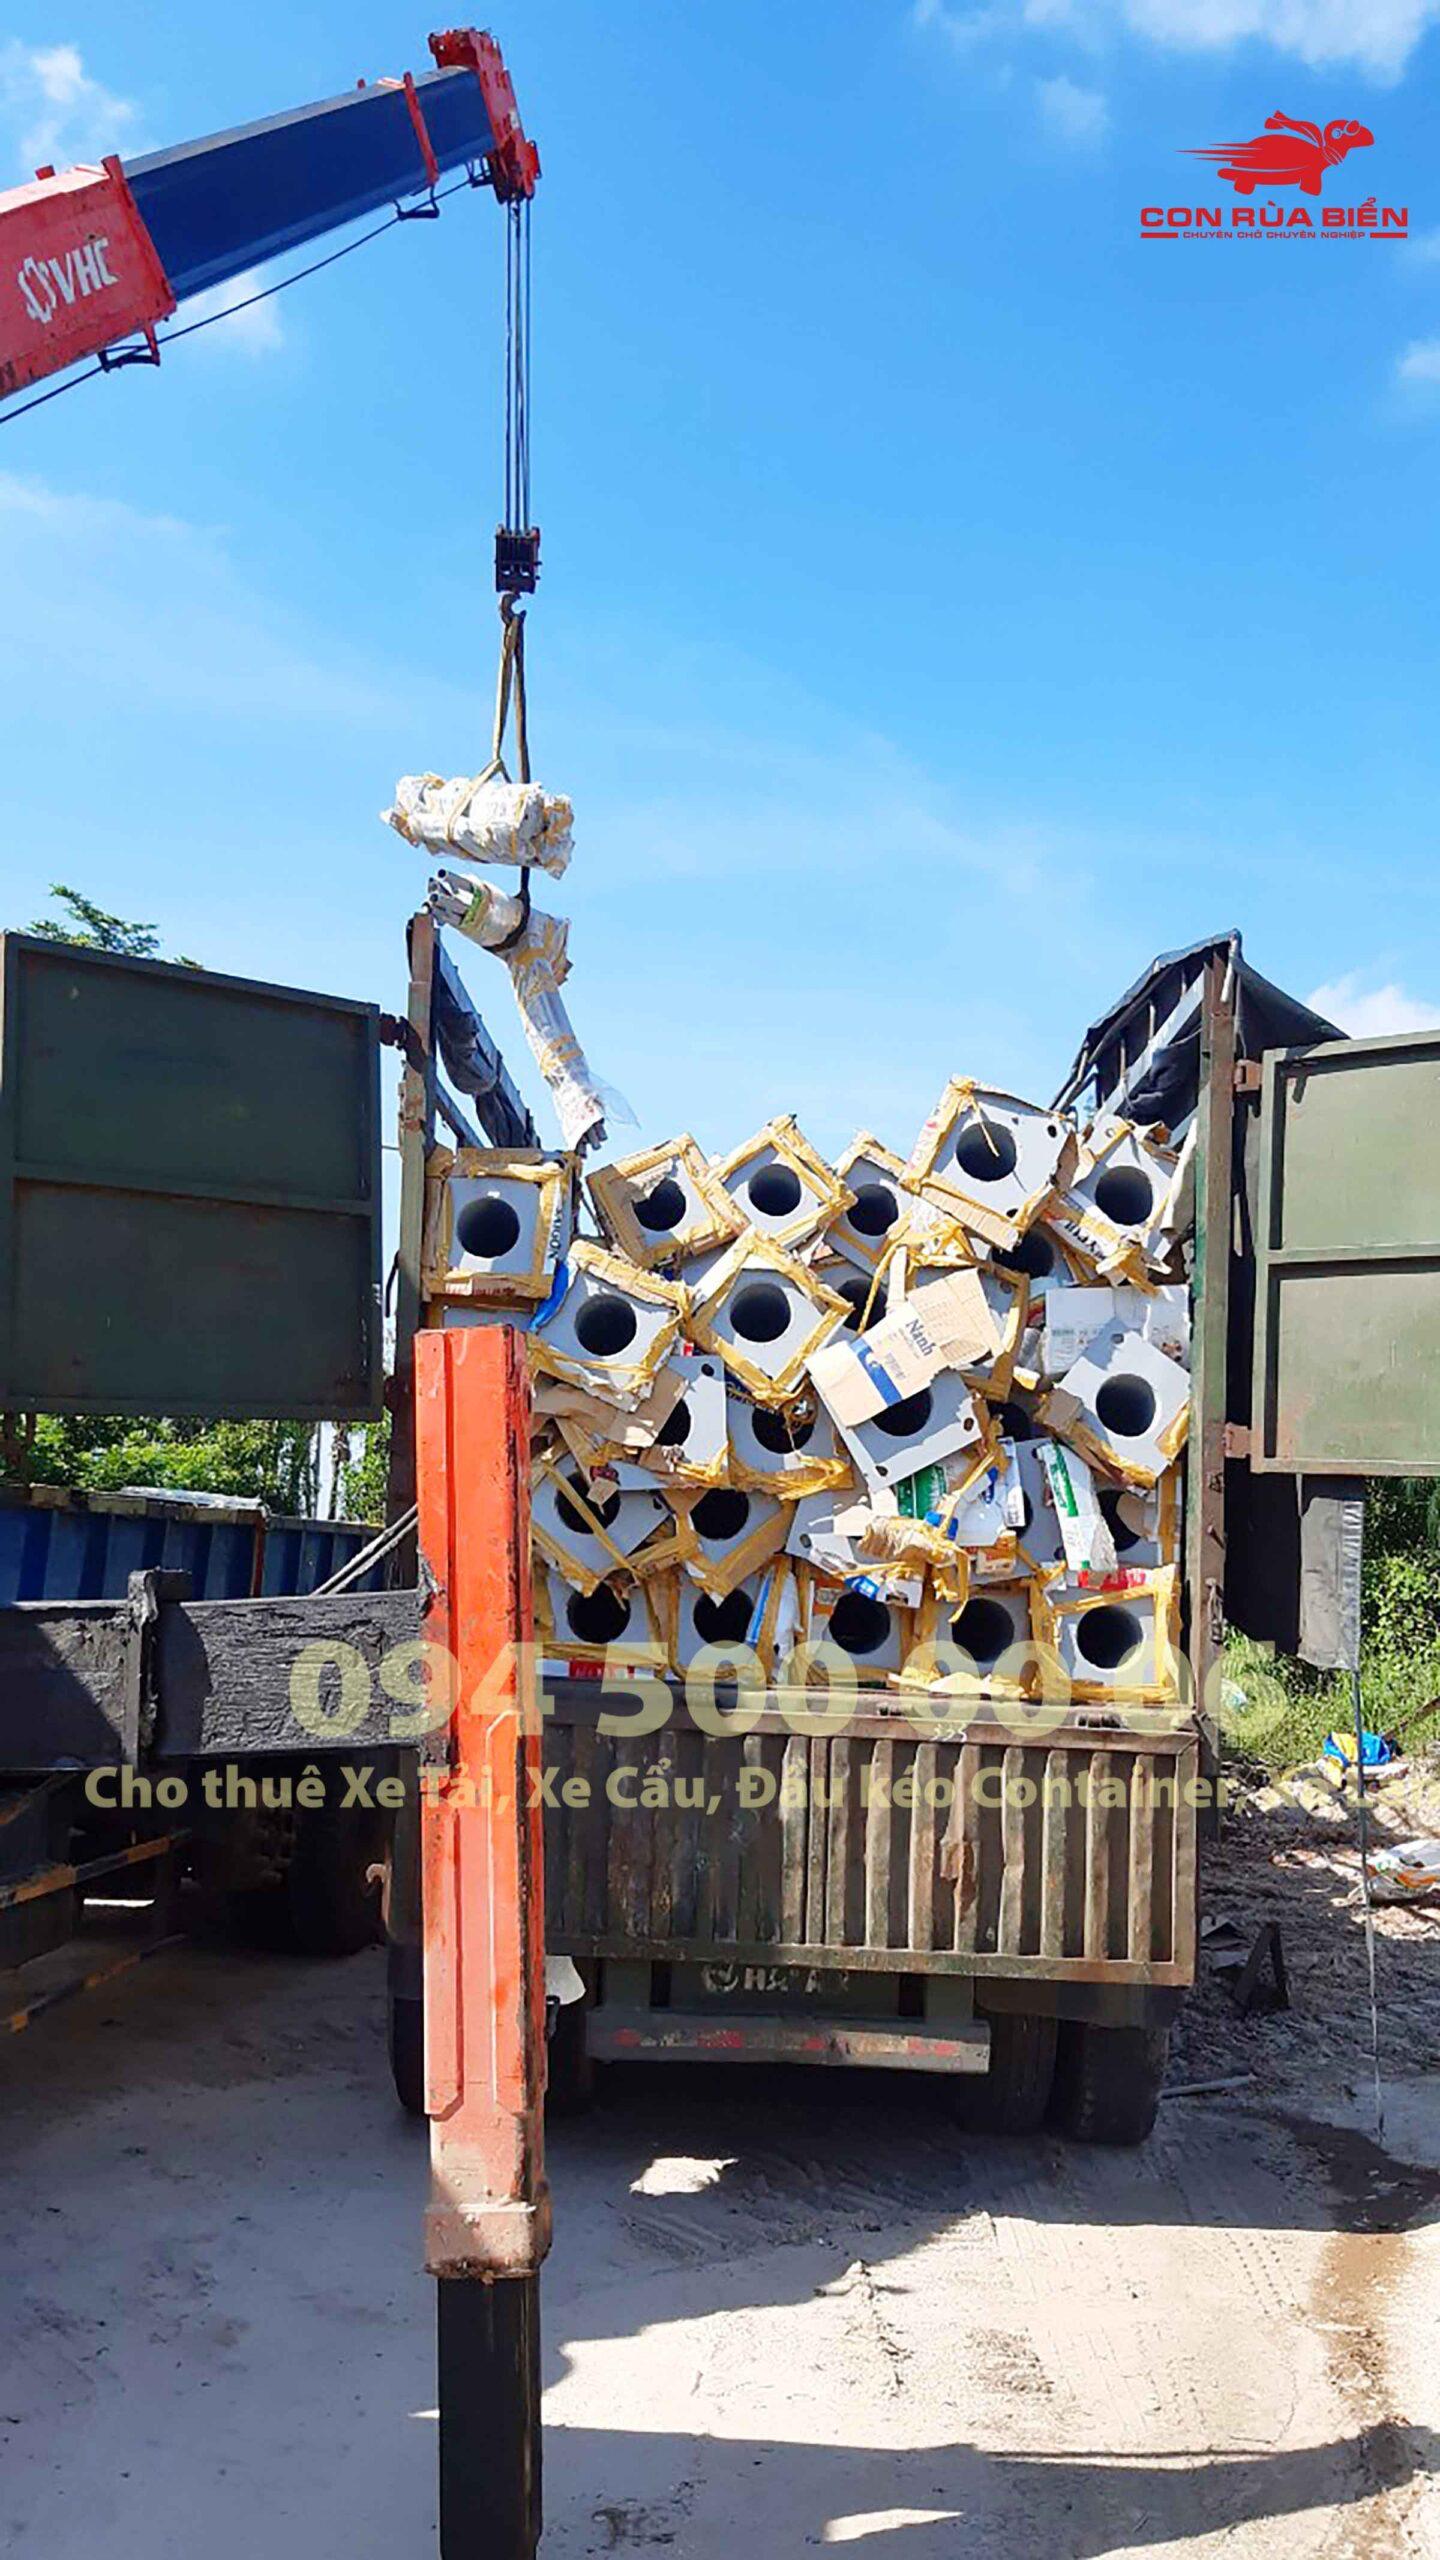 (Ảnh: Chành xe Hà Nội Sài Gòn Phú Quốc - CON RÙA BIỂN ; Dự án Vận chuyển Cột Đèn từ Đồng Nai đi Phú Quốc)